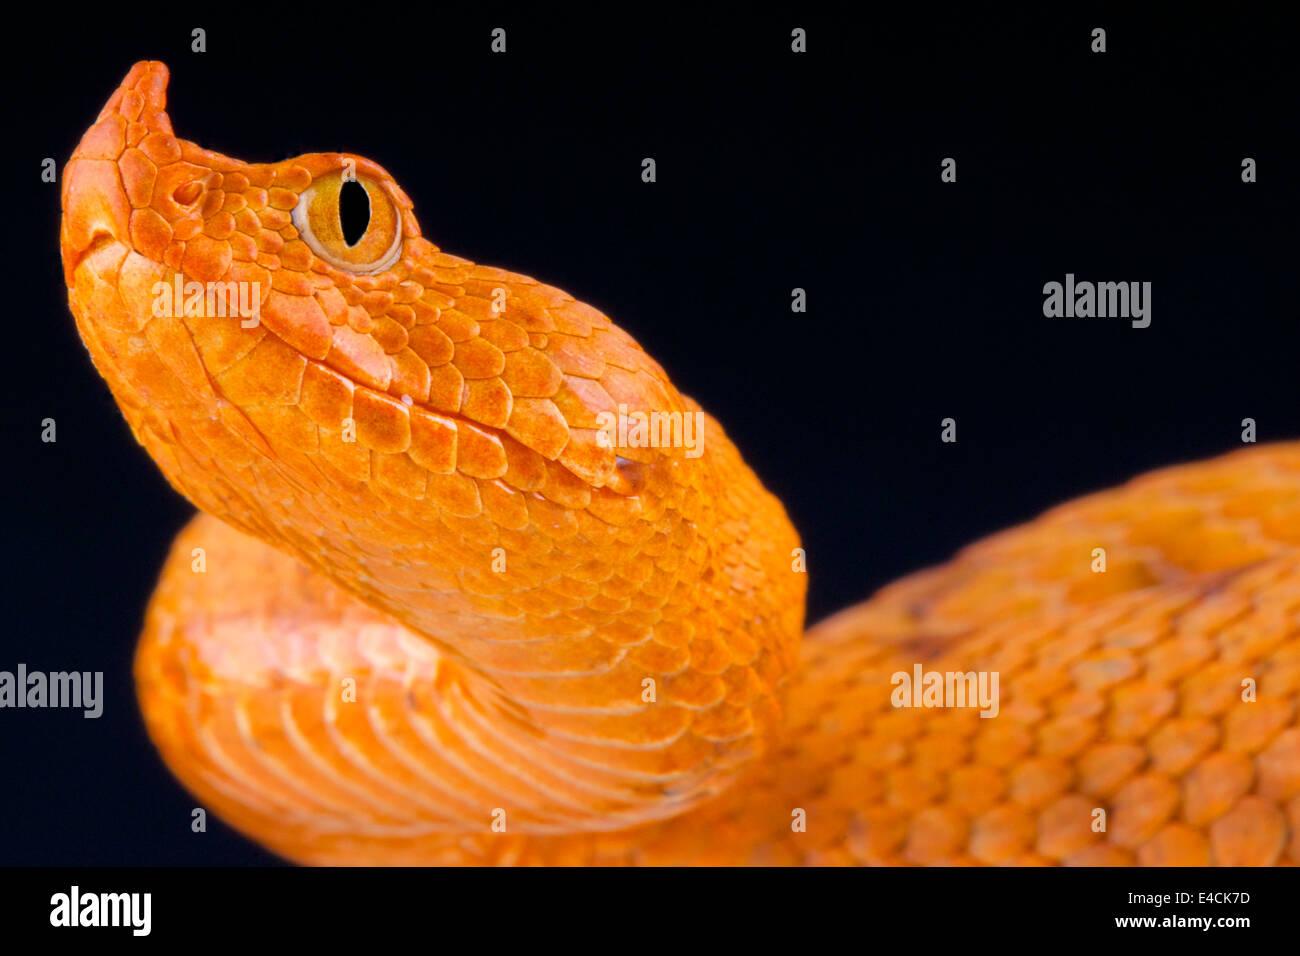 Long-nosed viper / Vipera ammodytes - Stock Image